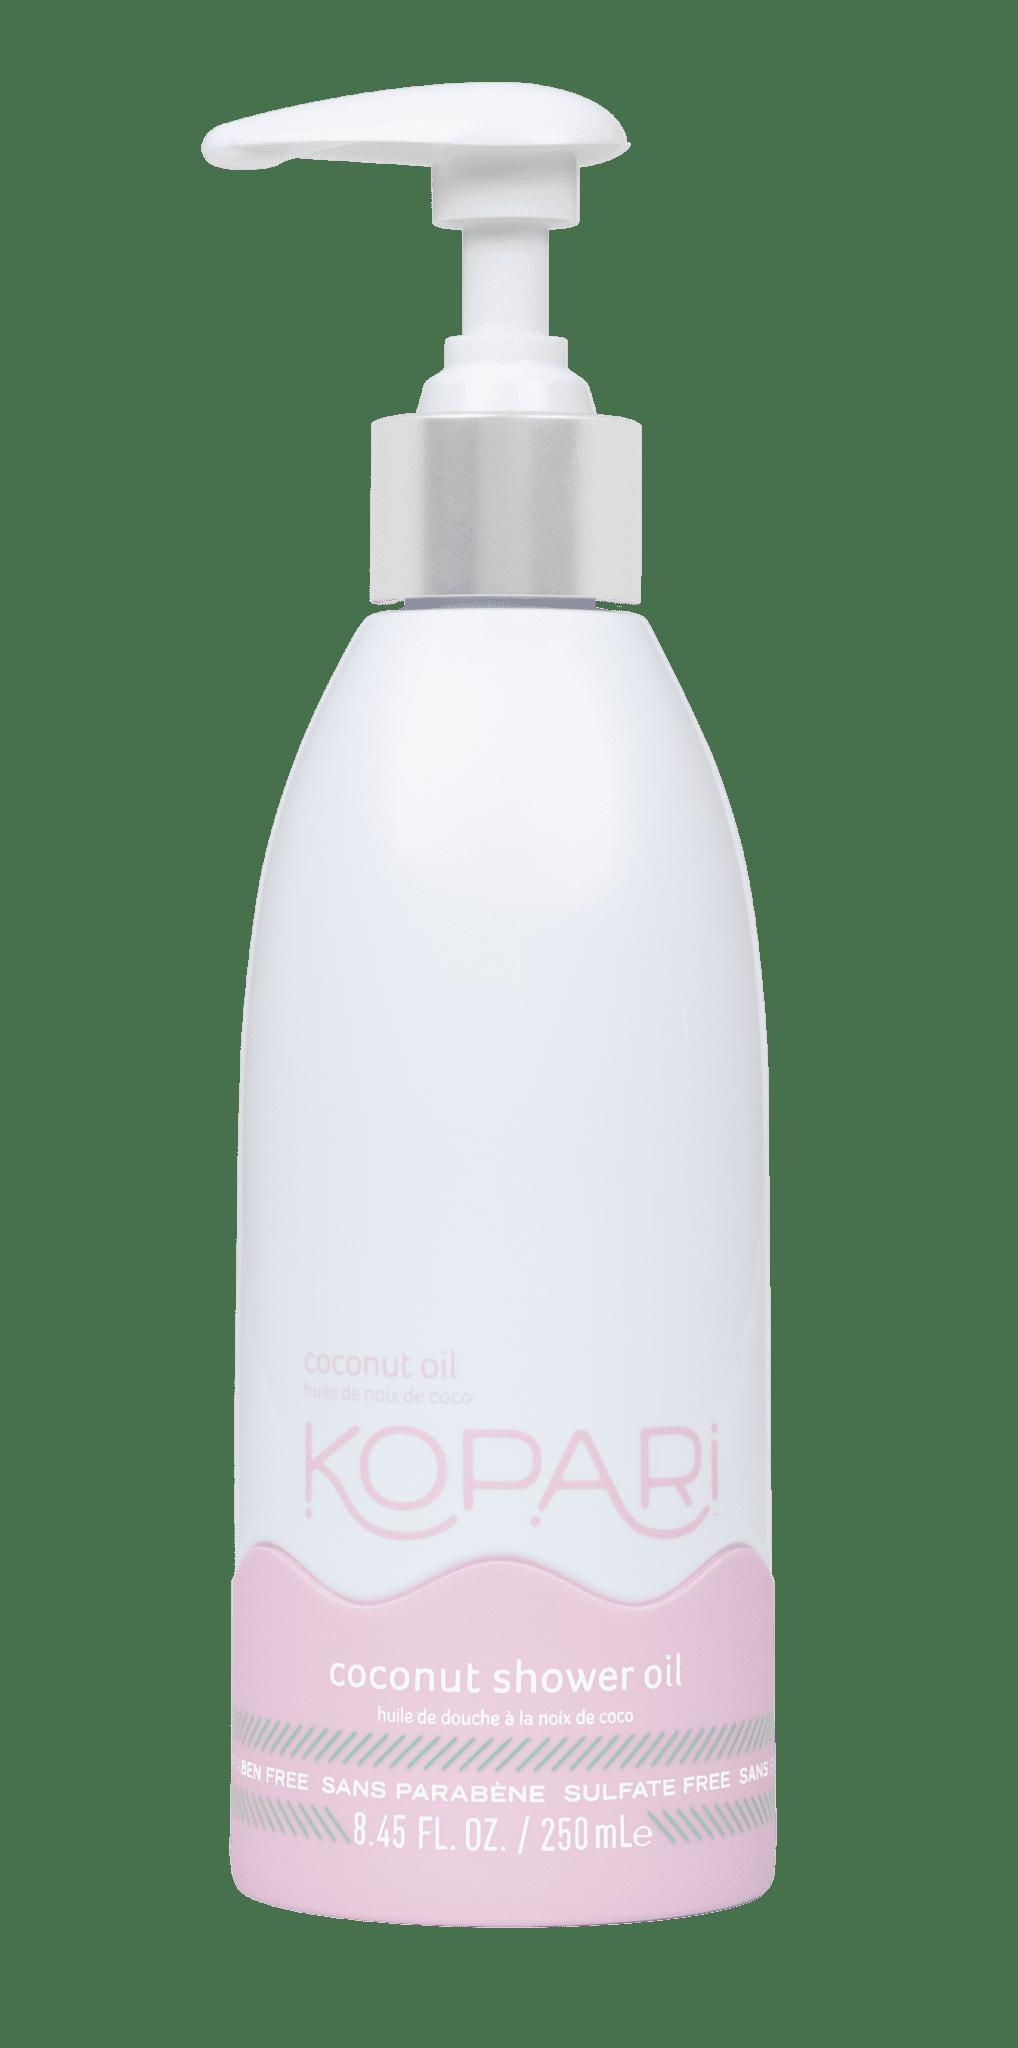 coconut shower oil